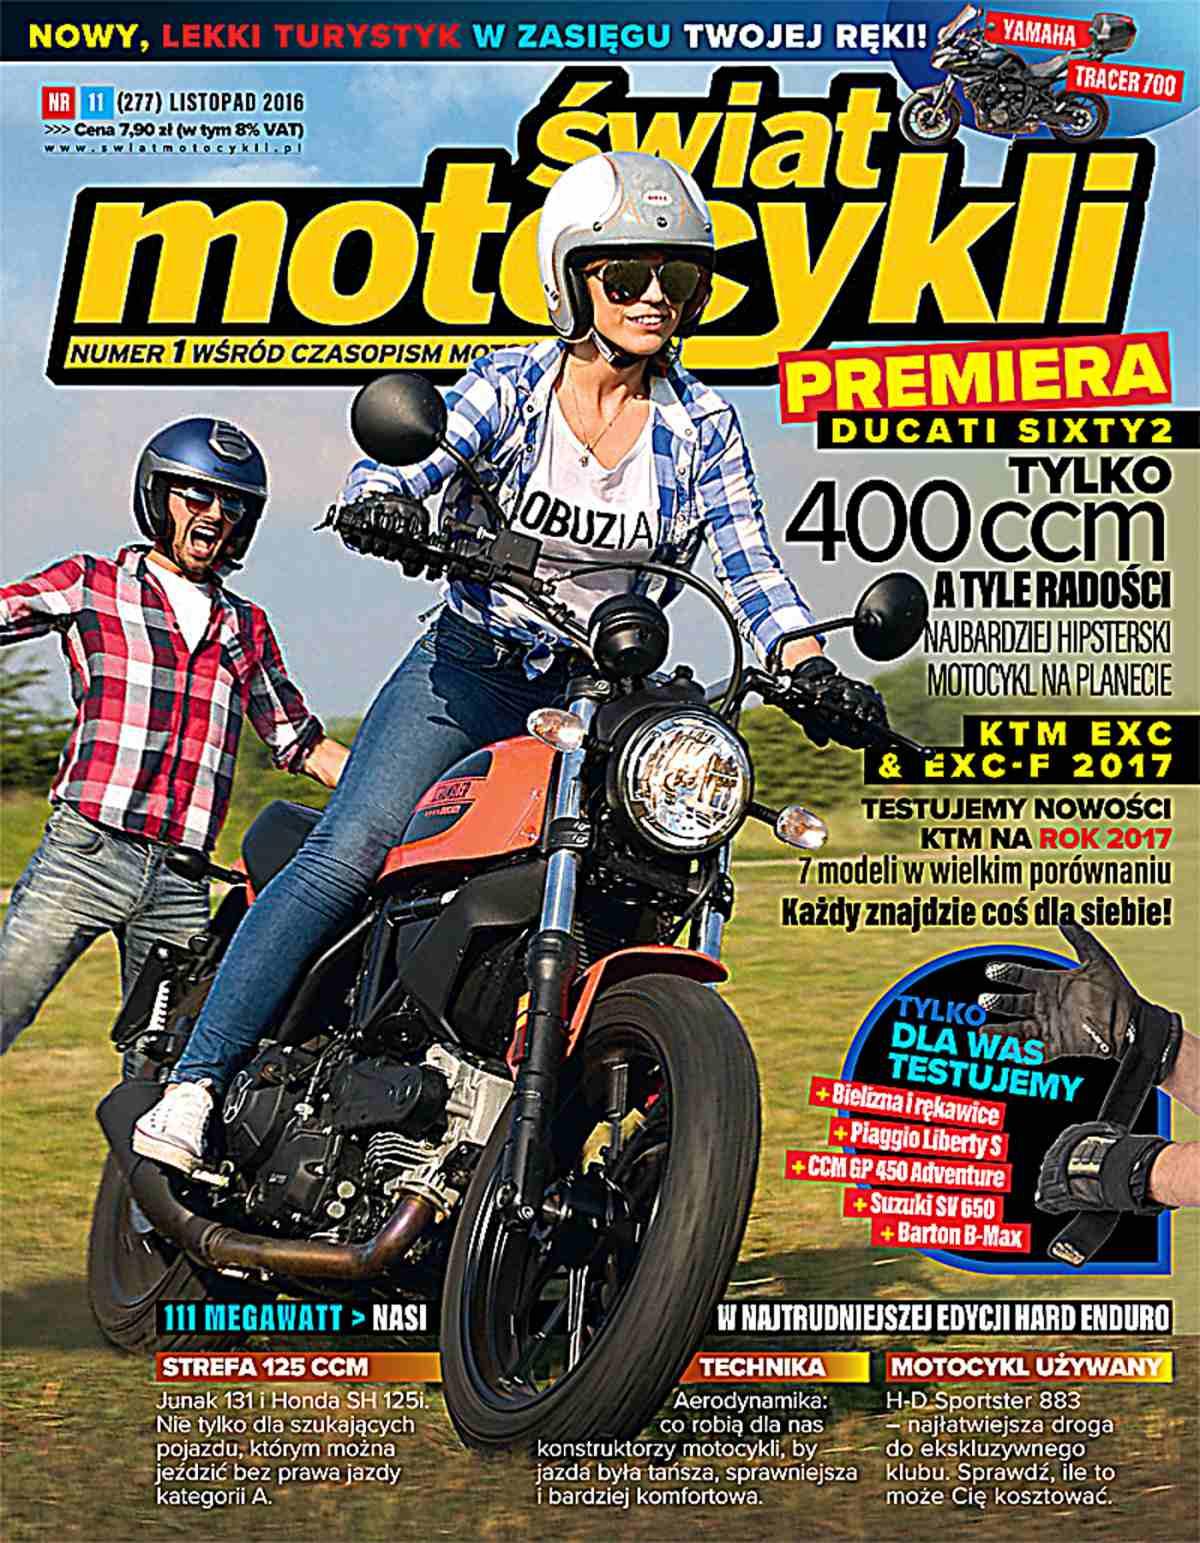 Świat Motocykli 11/2016 - Ebook (Książka PDF) do pobrania w formacie PDF